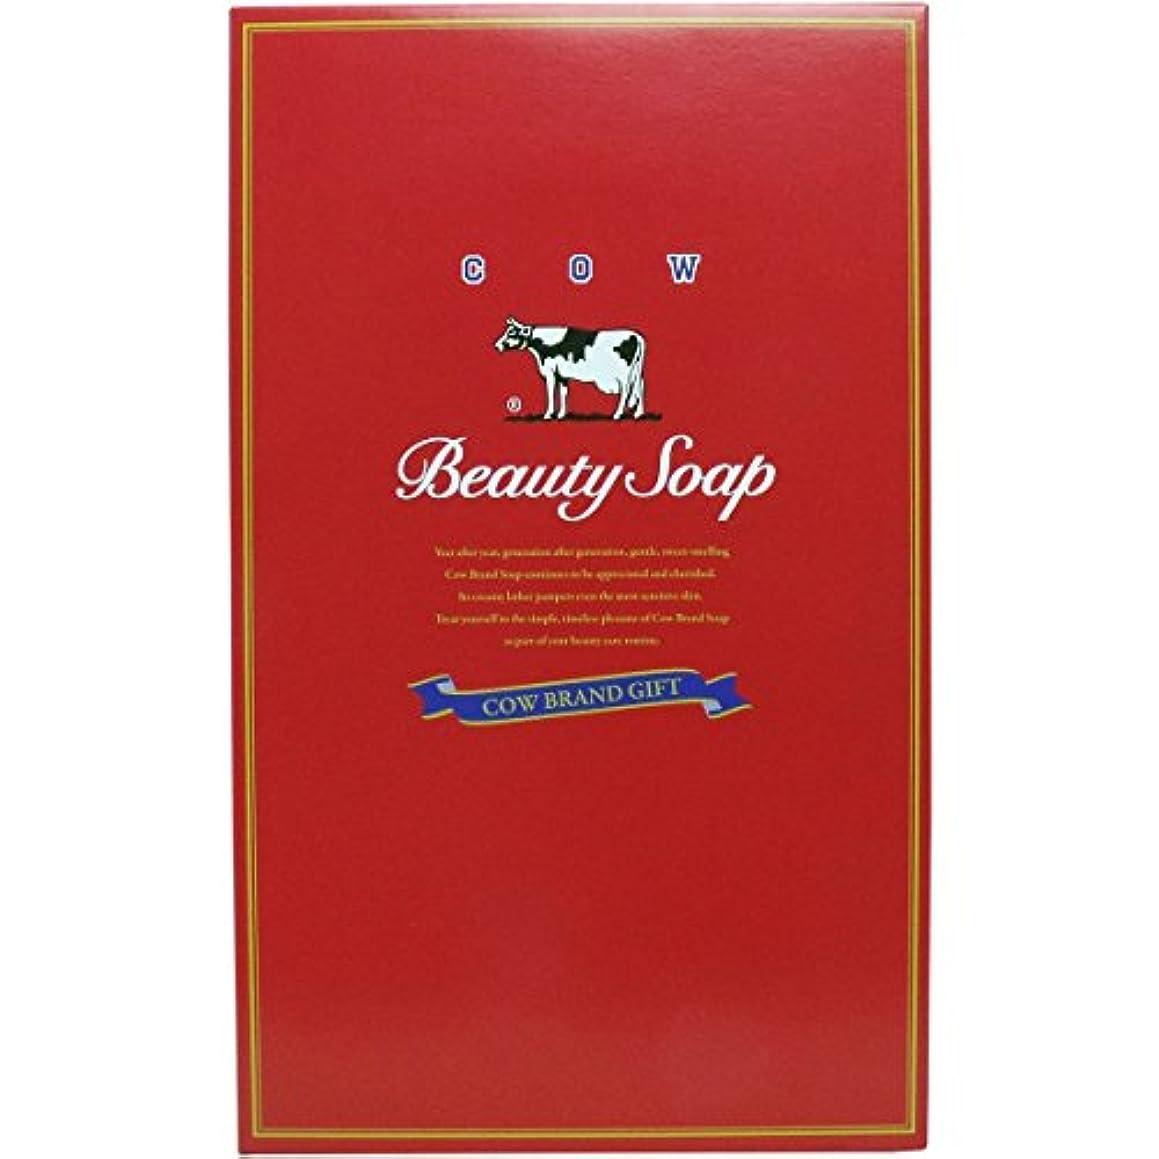 みがきますハグクラウド牛乳石鹸共進社 カウブランド石鹸 赤箱 100g×10個×16箱